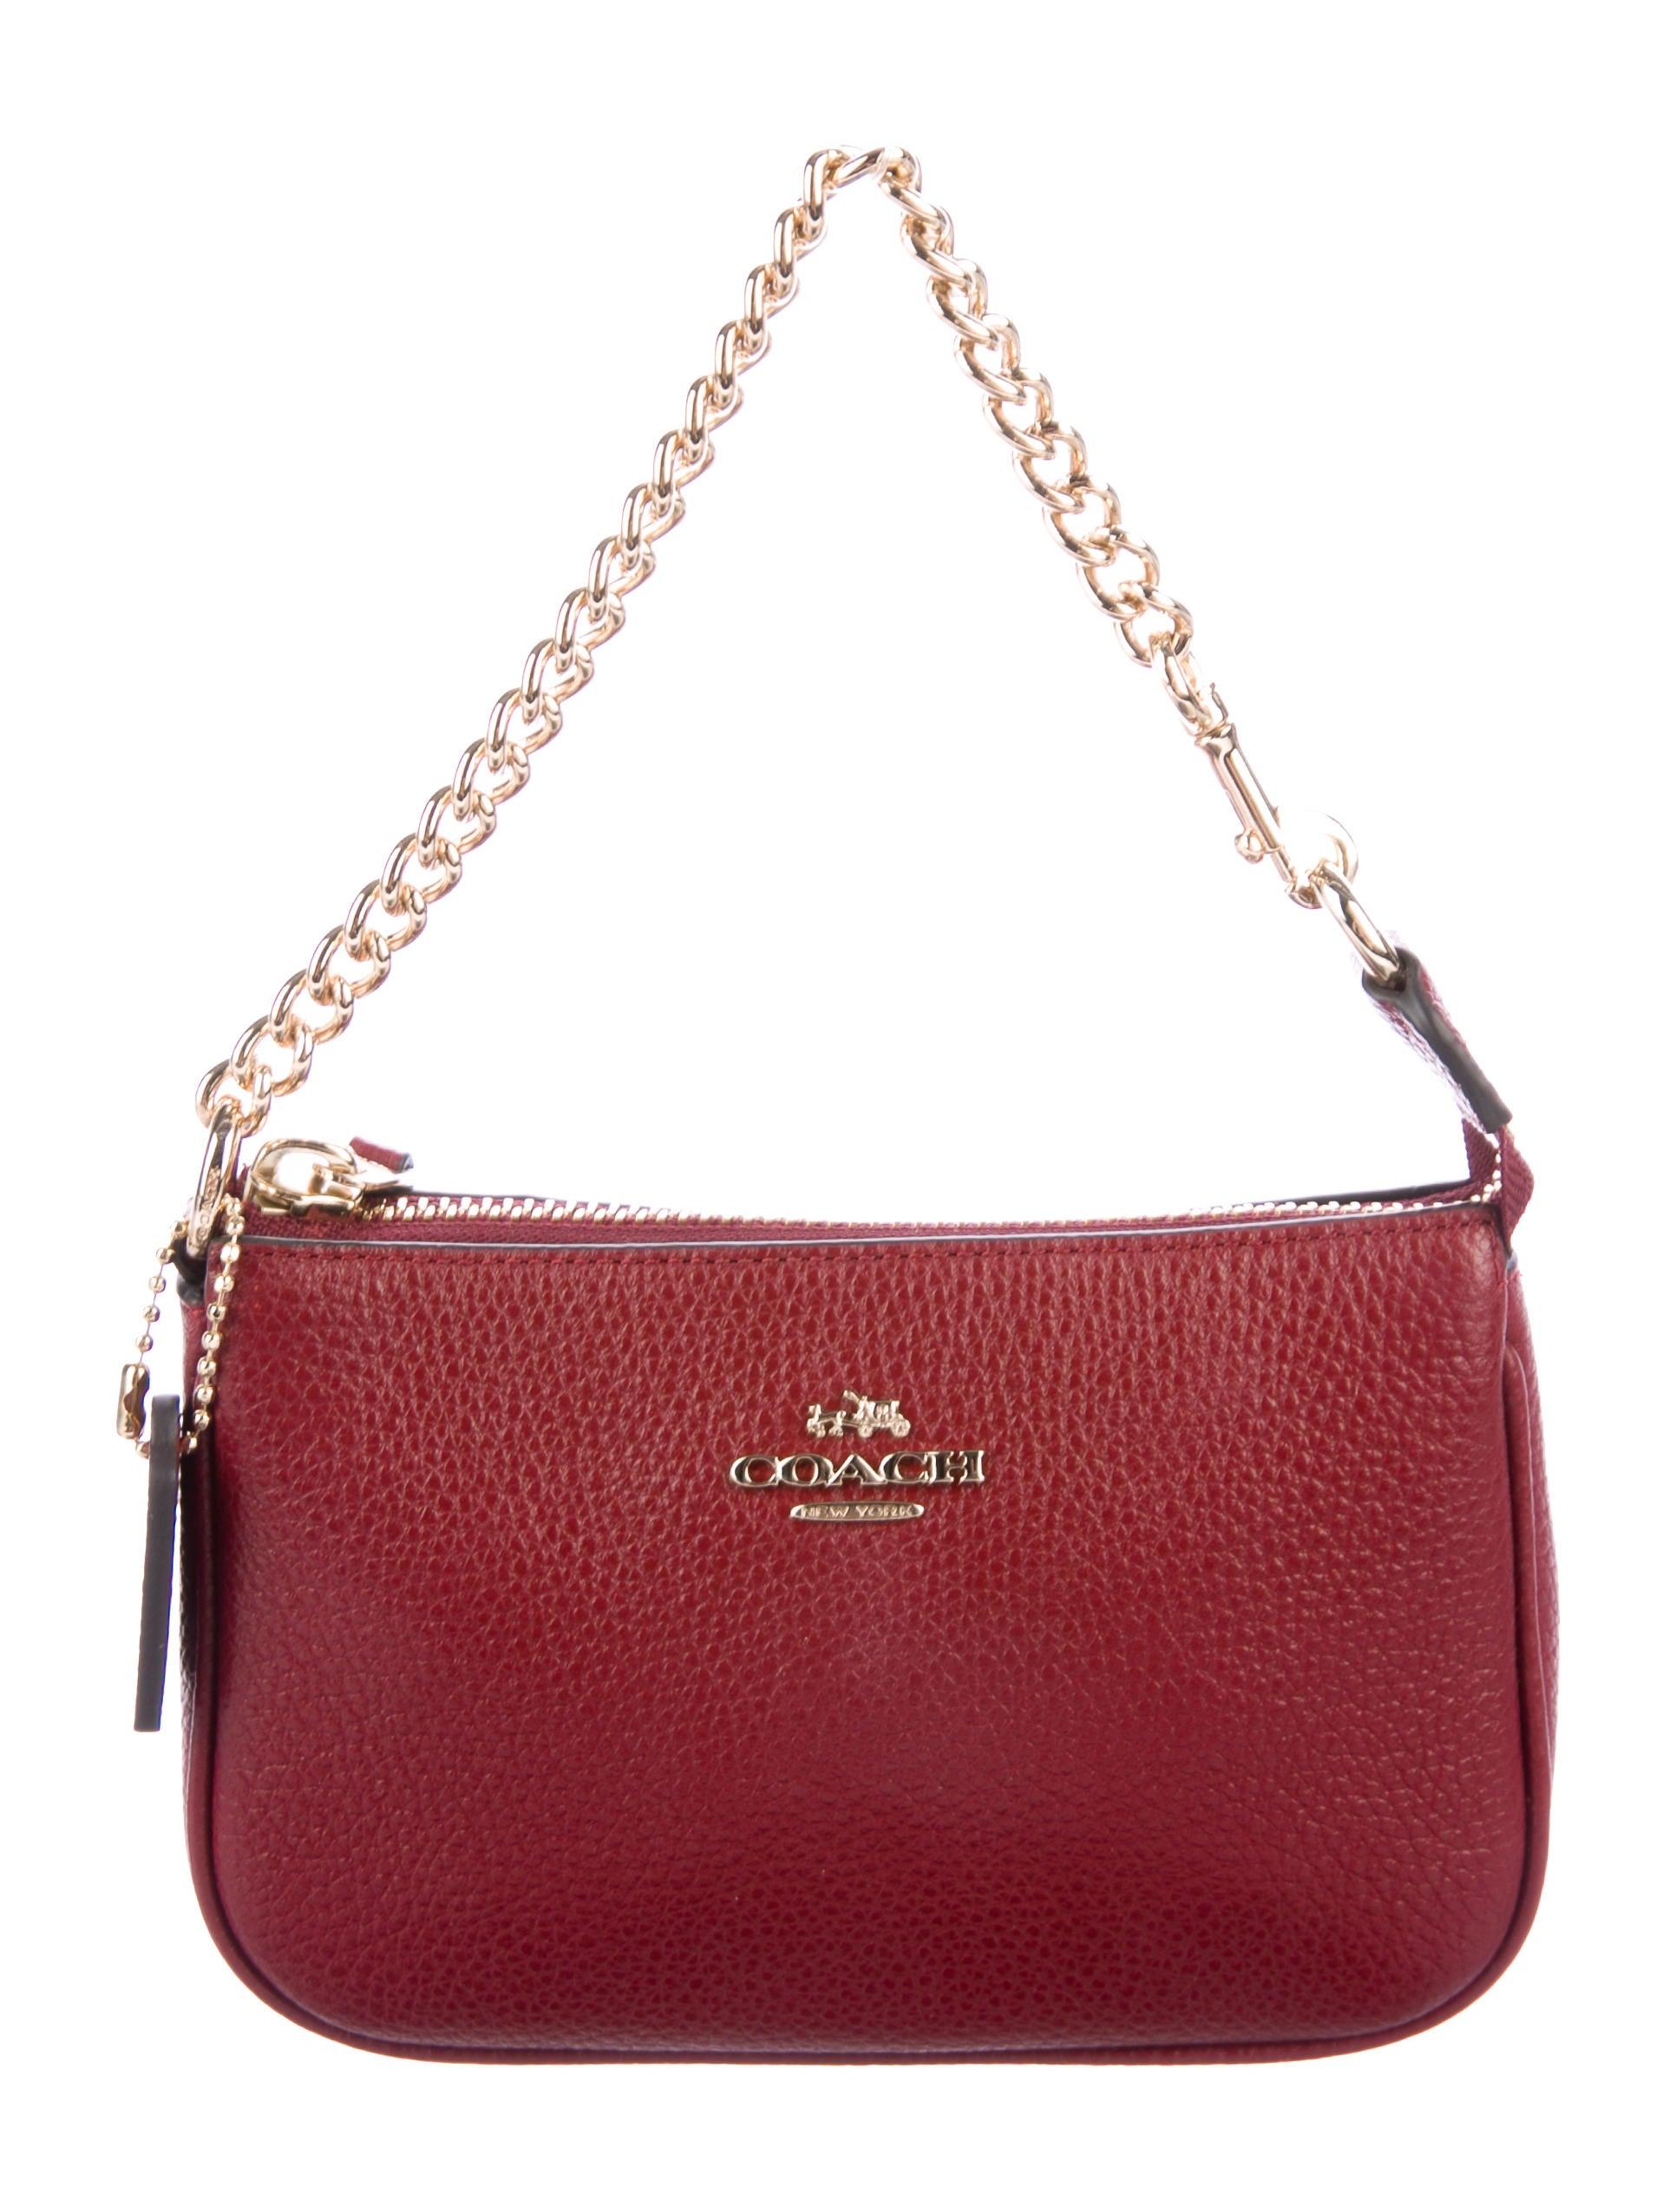 Coach Mini Leather Pochette - Handbags - CCH23487 | The RealReal